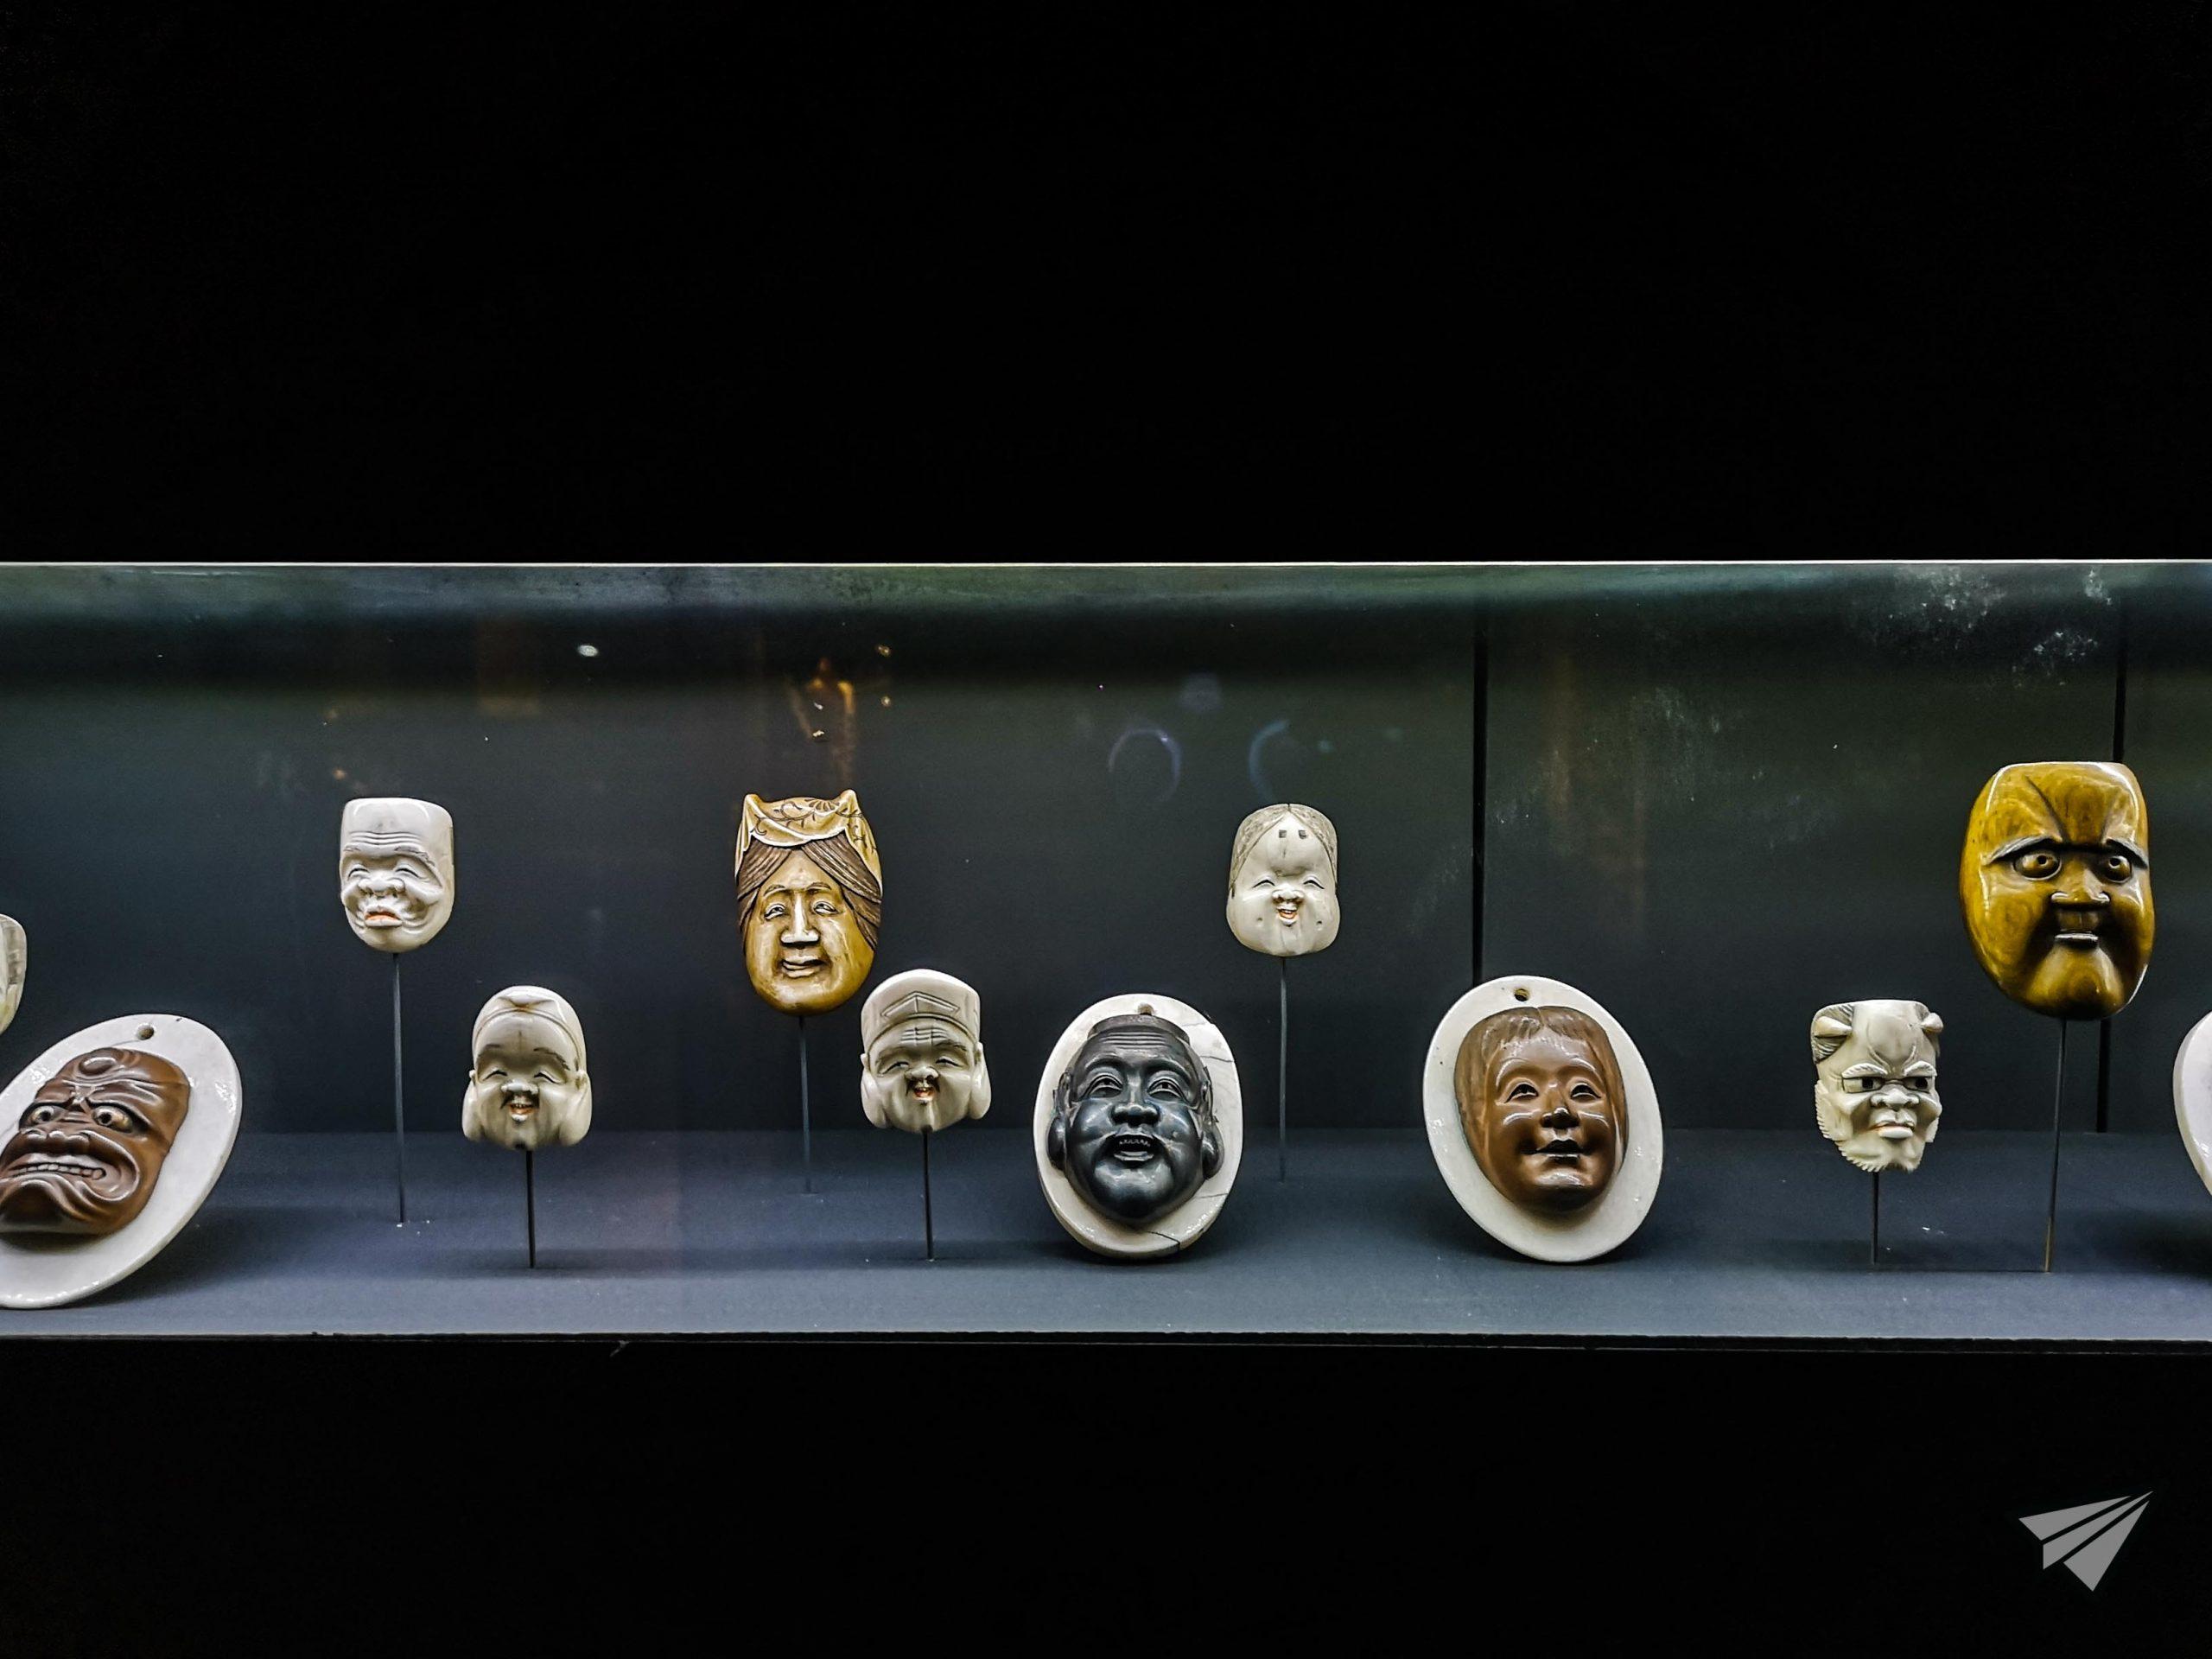 Museu do Oriente mask